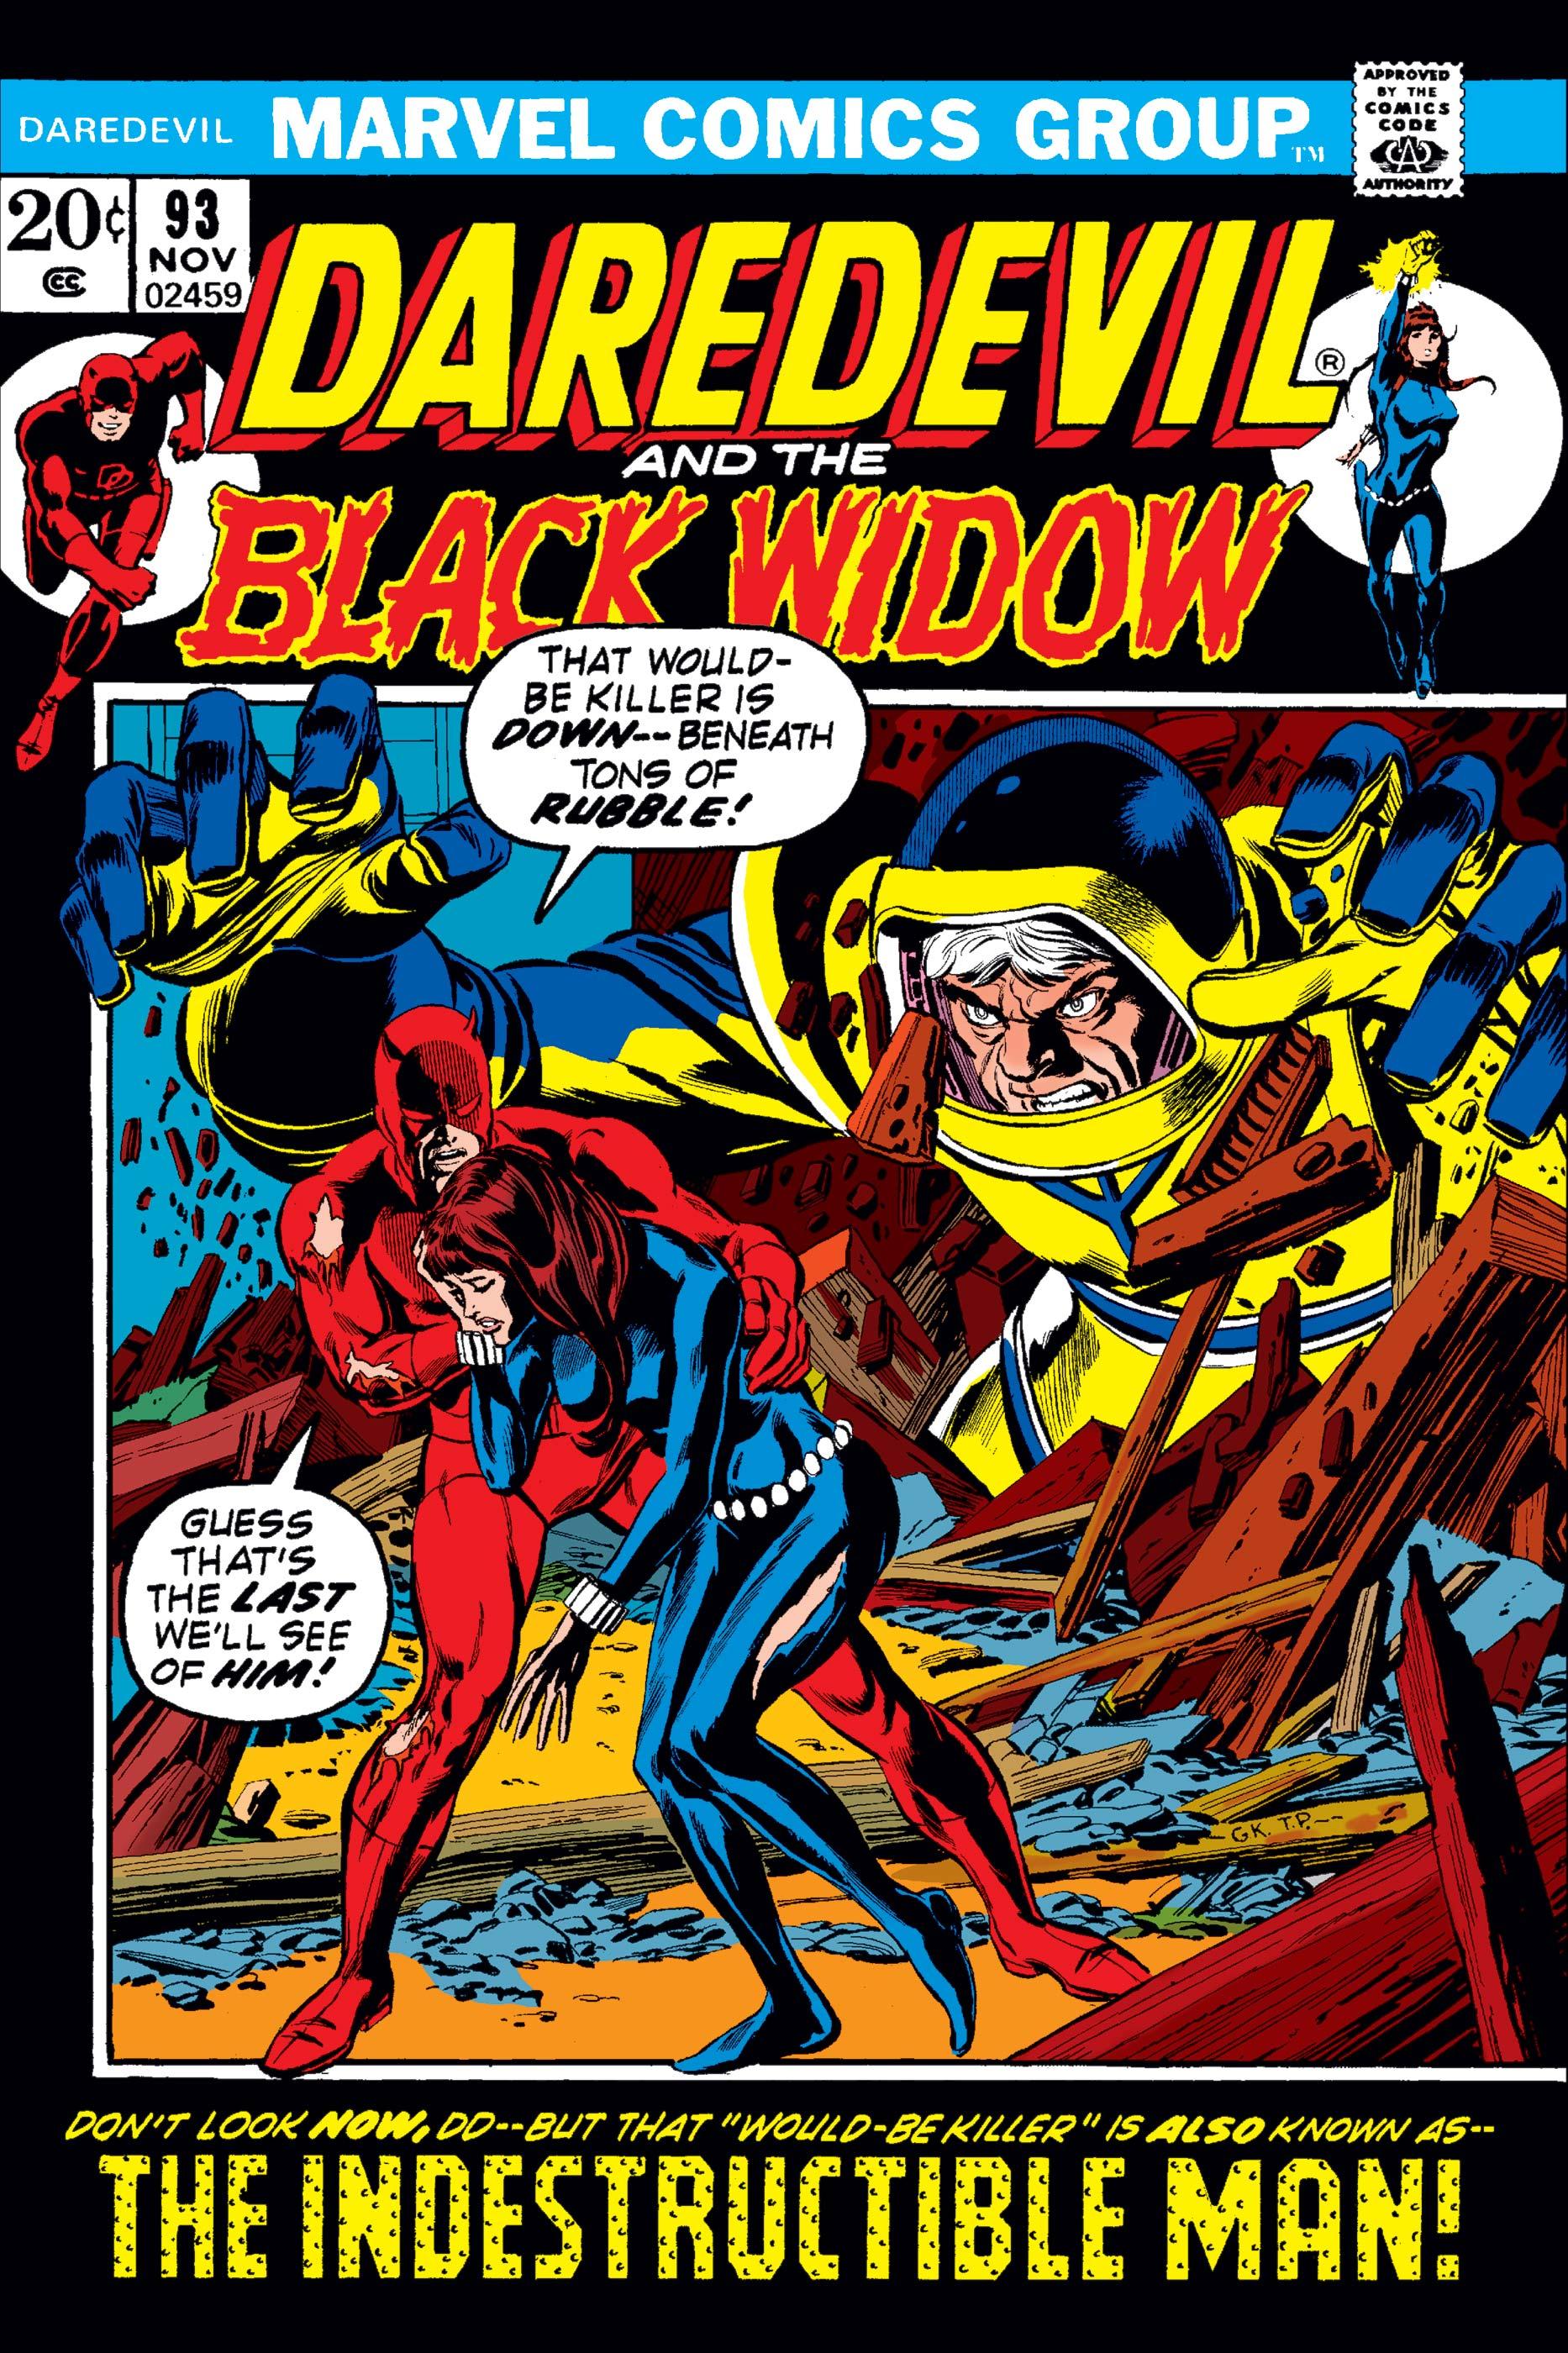 Daredevil (1964) #93